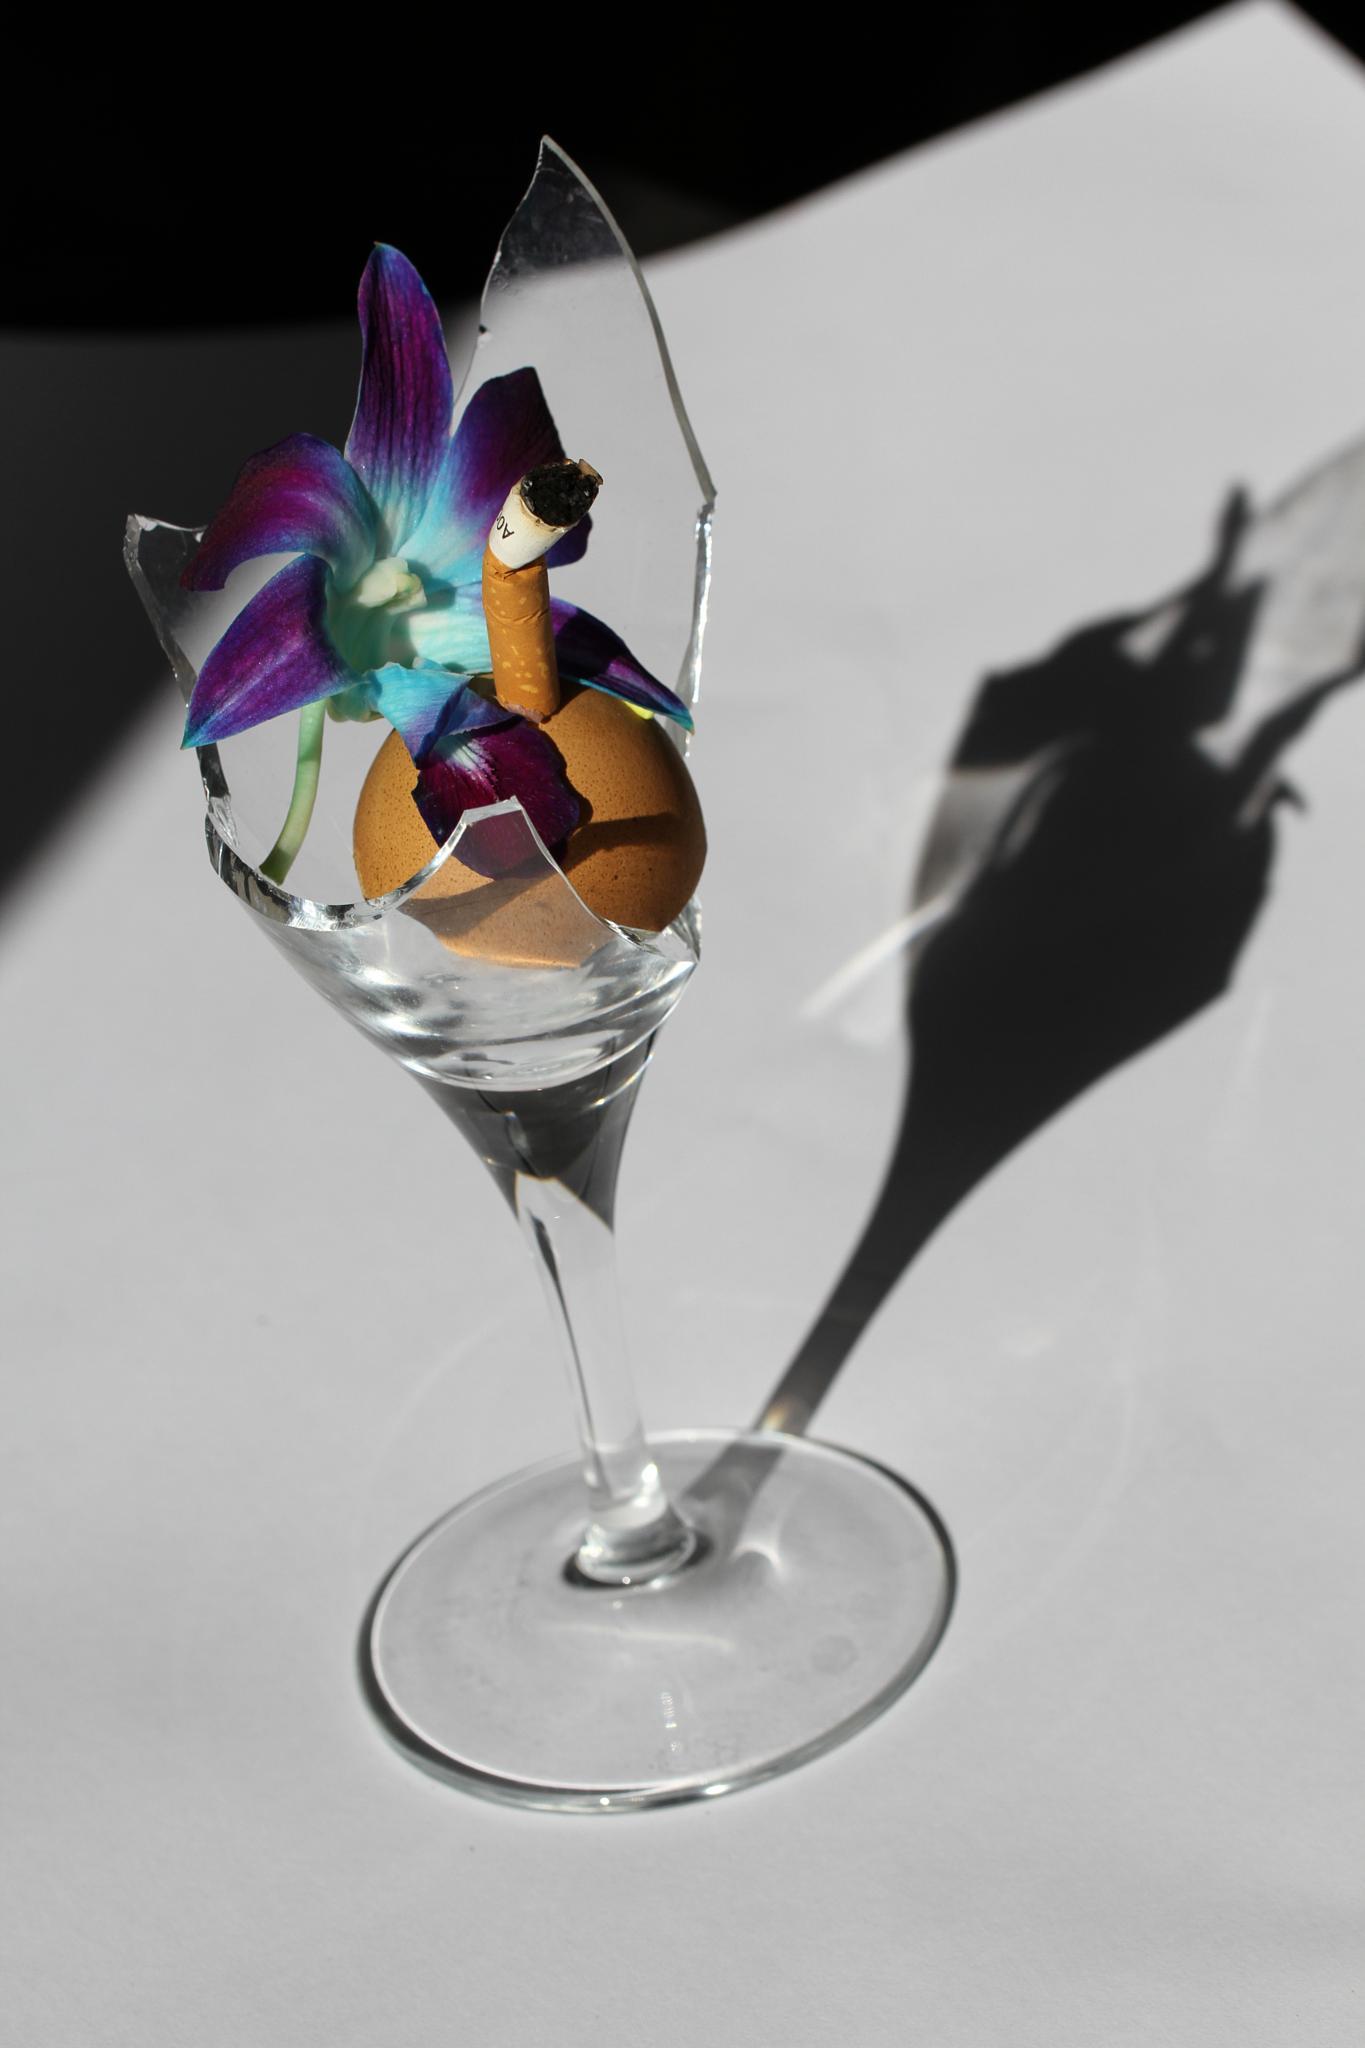 Cocktail Death  by Filipe Calcagno